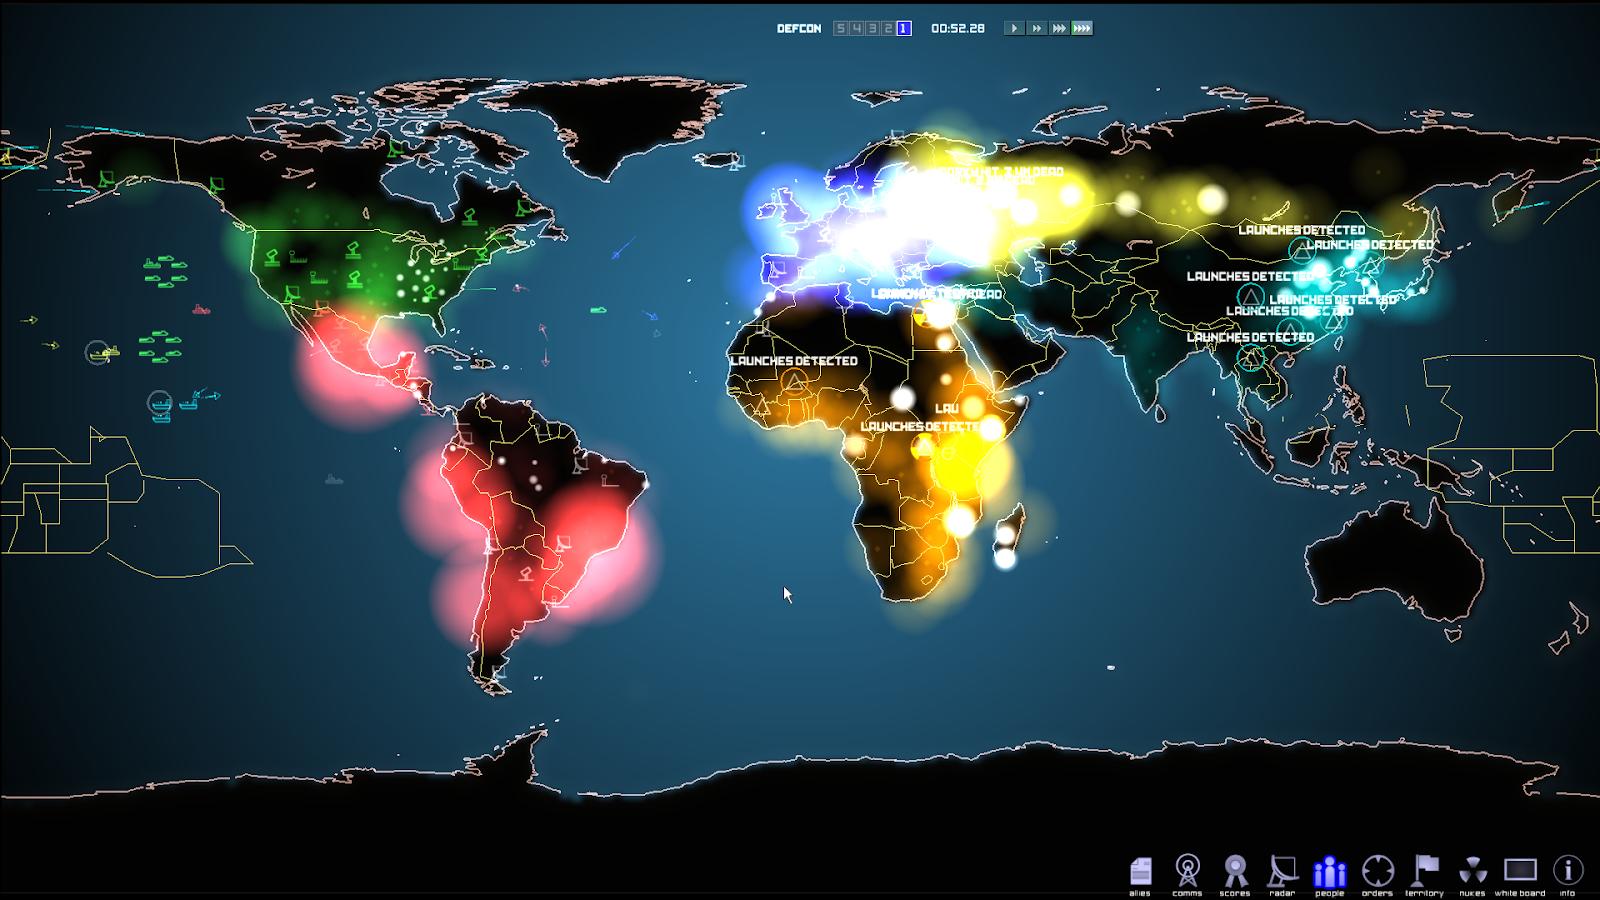 Defcon Game Mods: Defcon PC Game Mods